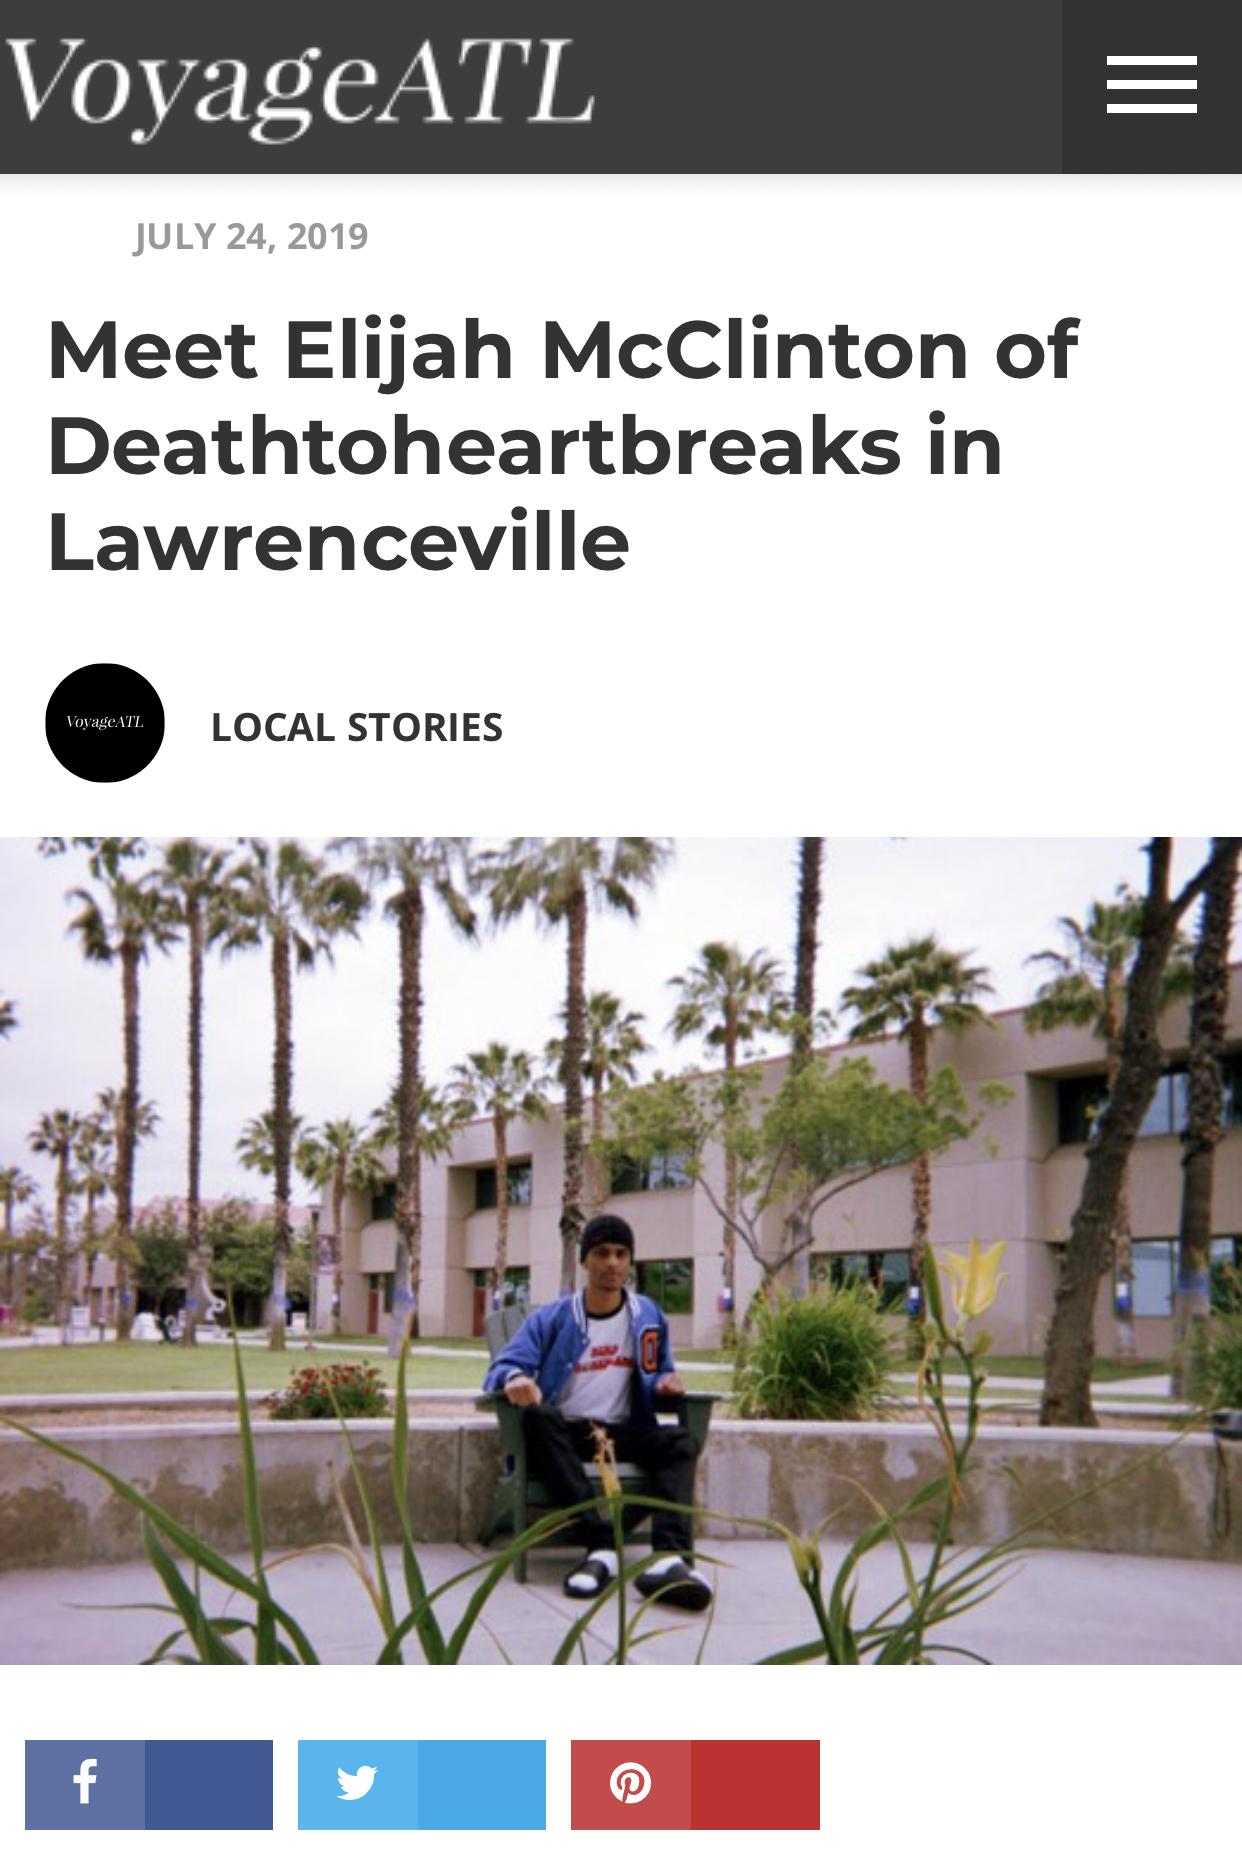 VoyageATL interview - Elijah McClinton and Deathtoheartbreaks interviewed on VoyageATL written by Shelly Tuscano